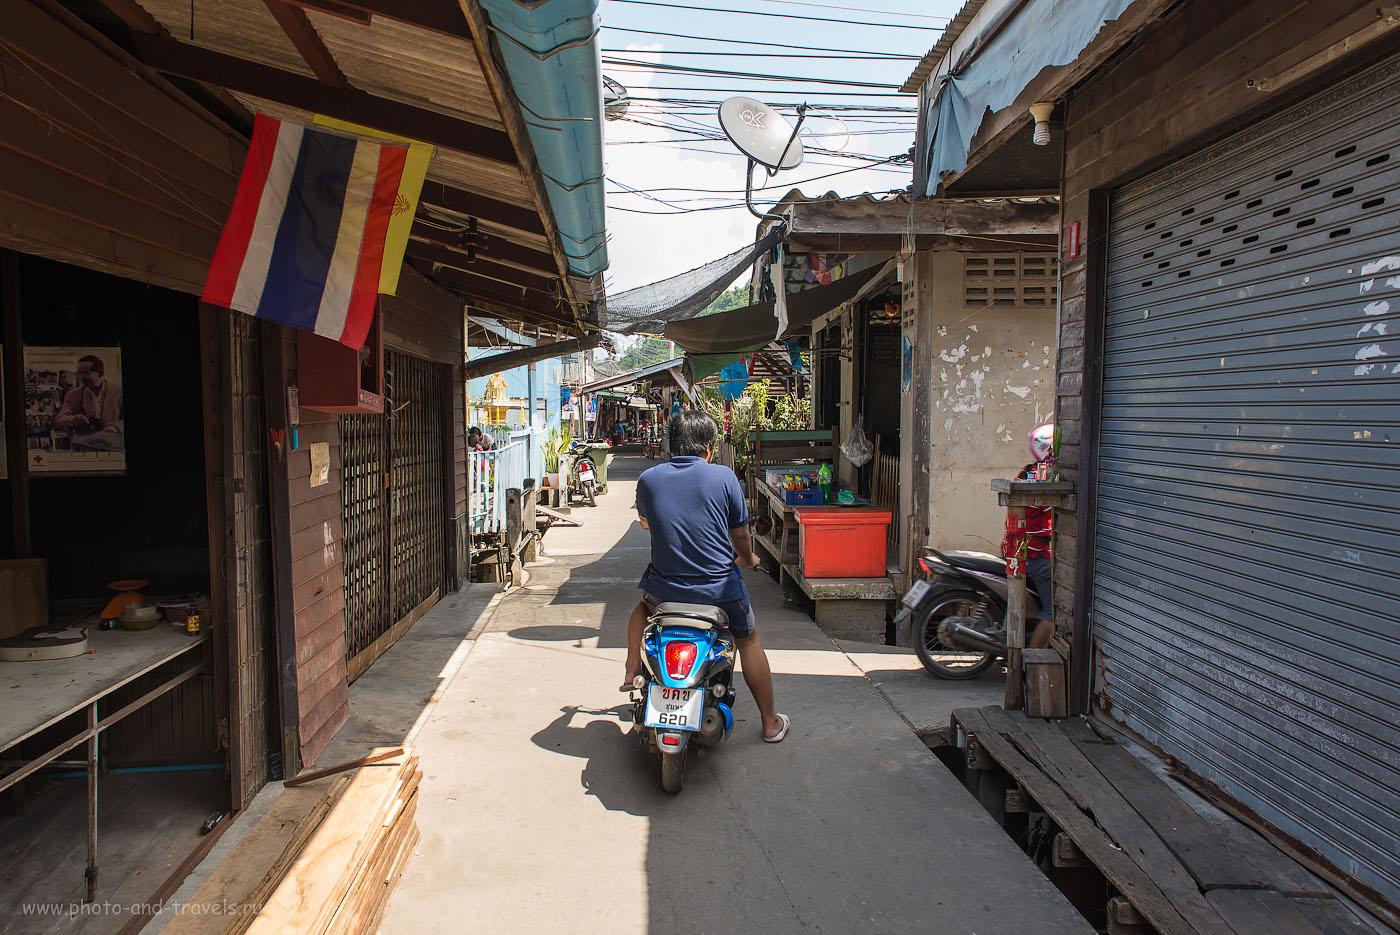 Фото 9. Переулки в рыбацкой деревне в Таиланде. Отзывы о самостоятельном путешествии (320, 24, 8.0, 1/100)